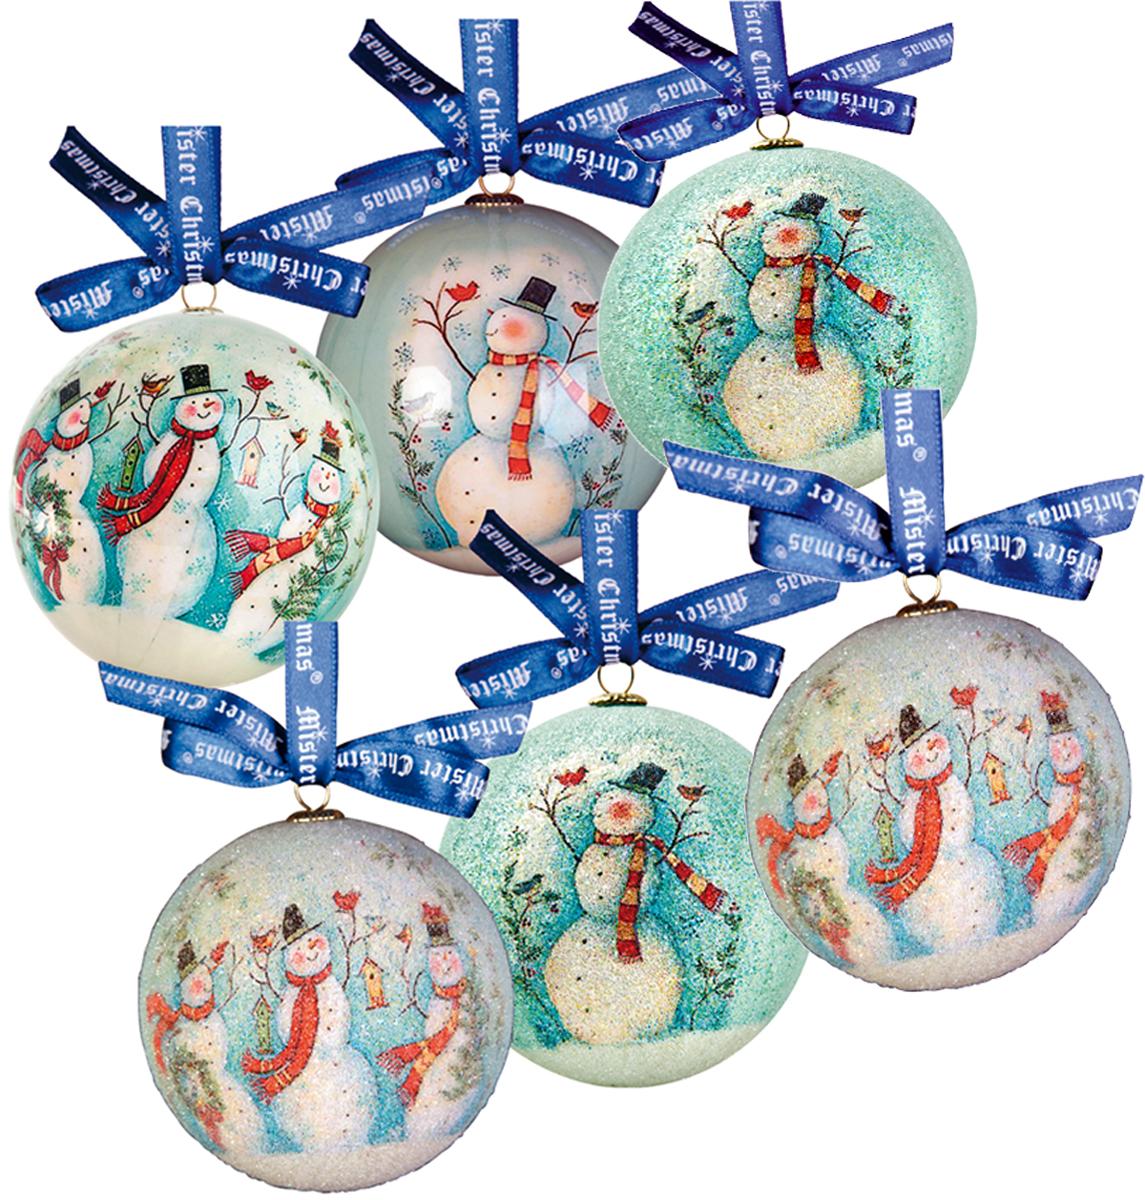 Набор новогодних подвесных украшений Mister Christmas  Папье-маше , диаметр 7,5 см, 6 шт. PM-1-6 -  Украшения